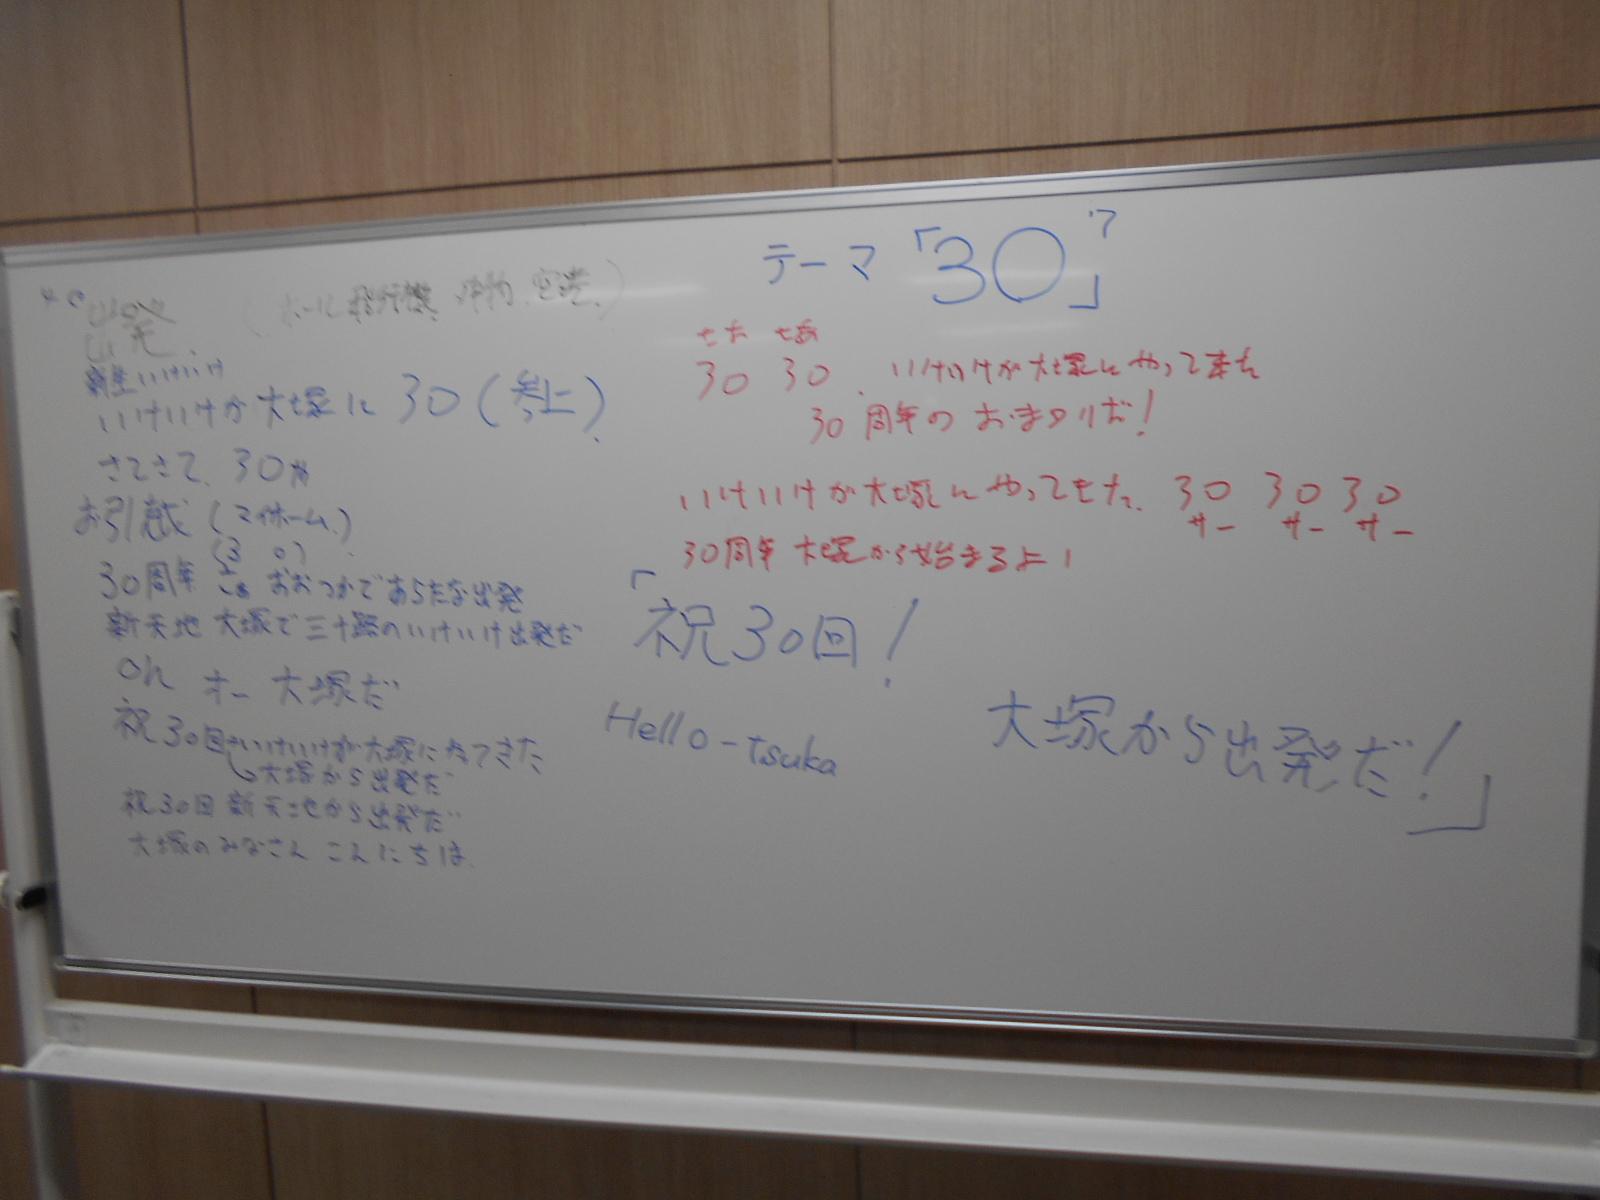 DSCN2976.jpg